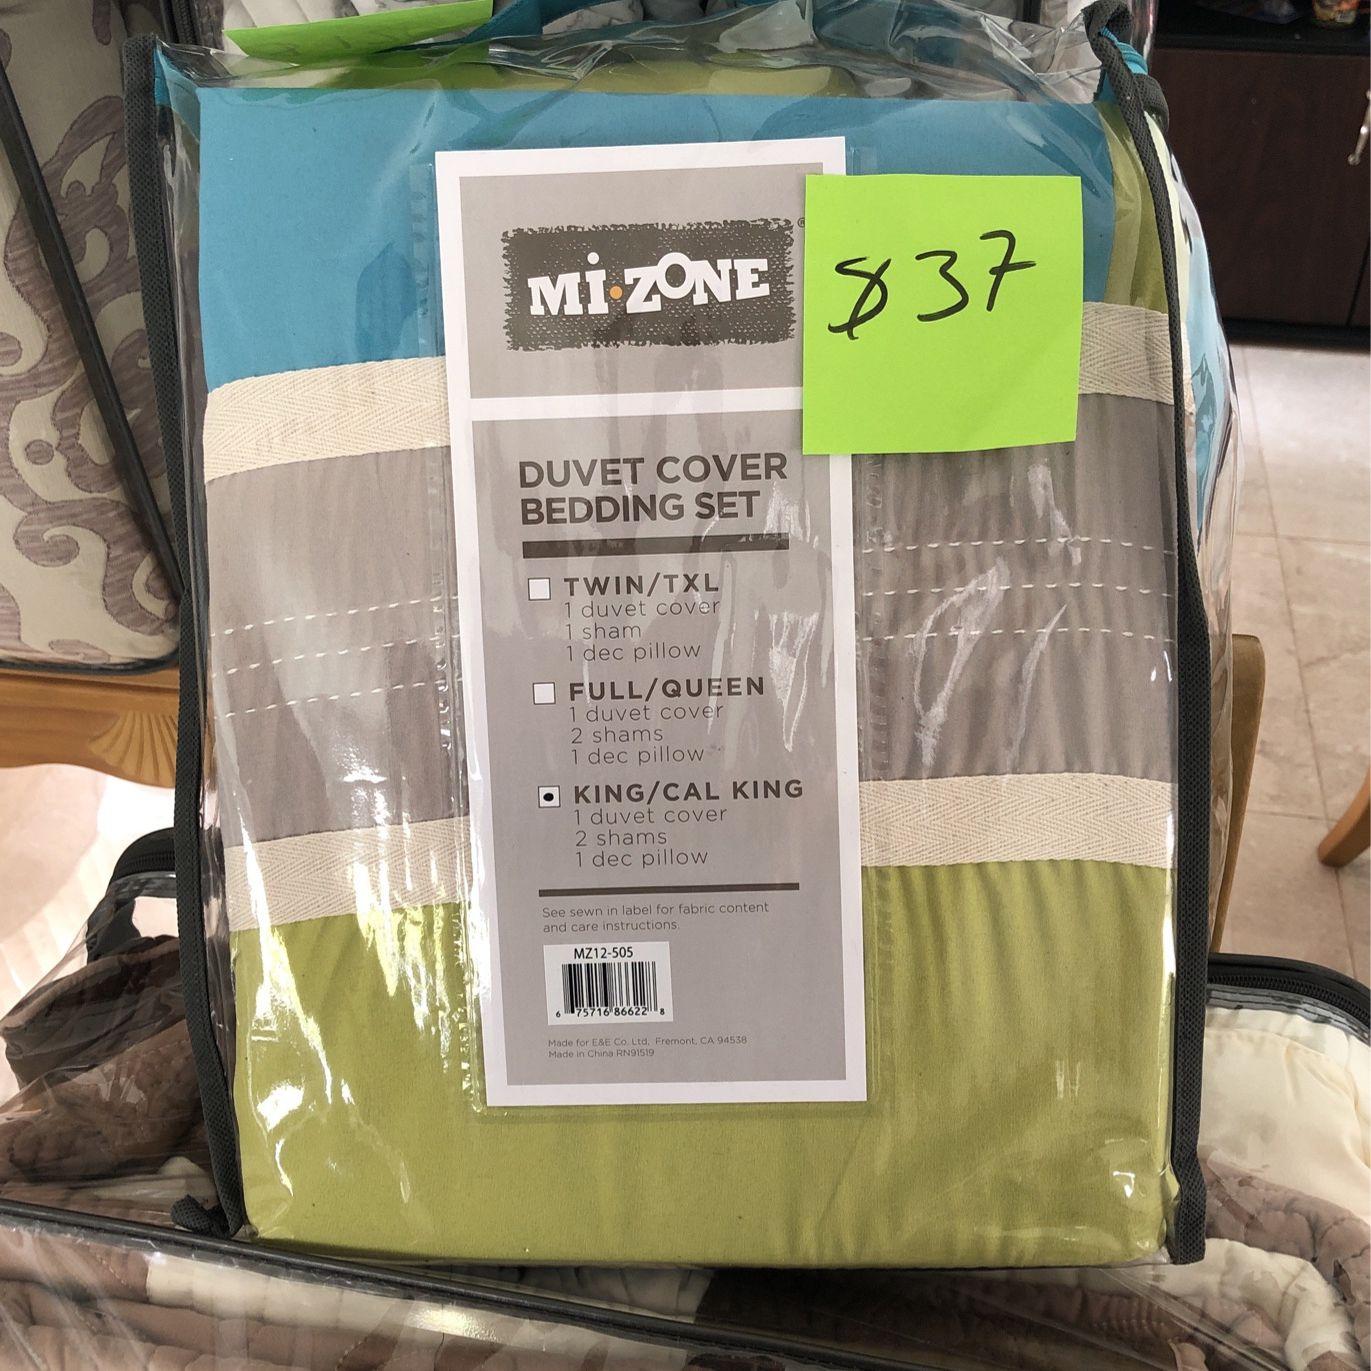 MI ZONE Duvet Modern Casual Vibrant Colorblock Design All Season Comforter Cover Teen Bedding, Boys Bedroom Décor, King/Cal King, Navy 4 Piece